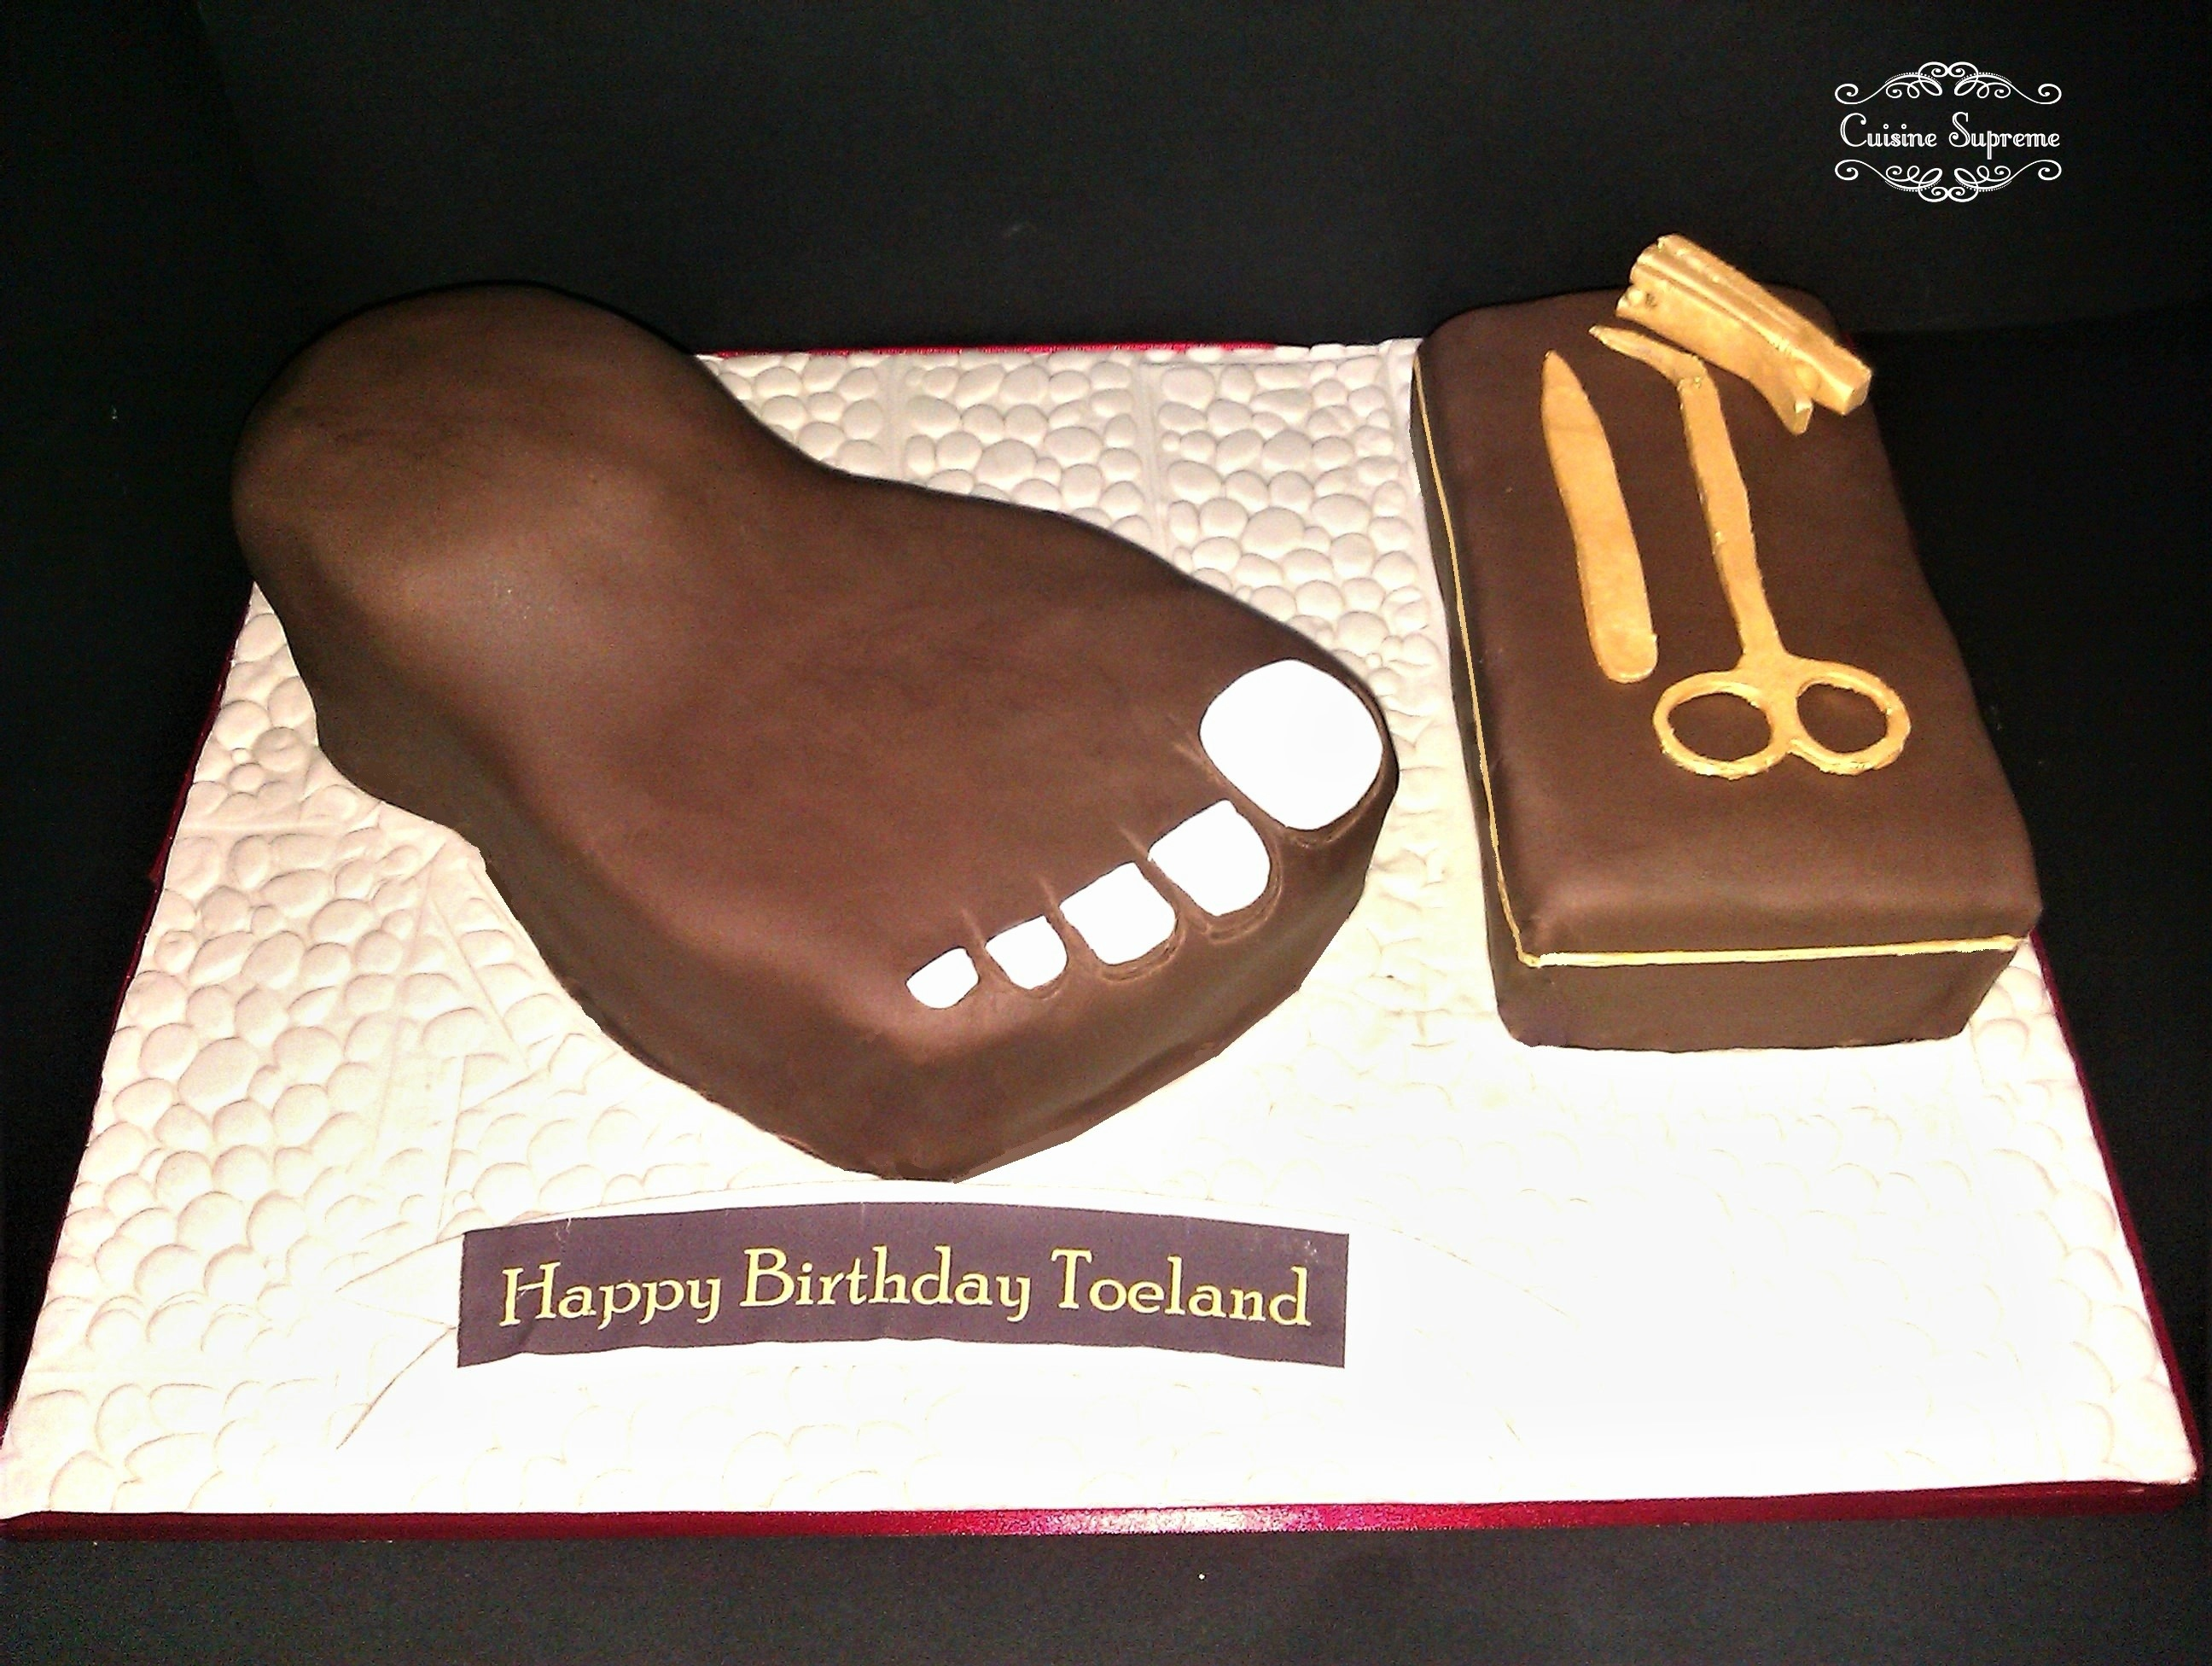 Personalised Birthday Chocolate Cake